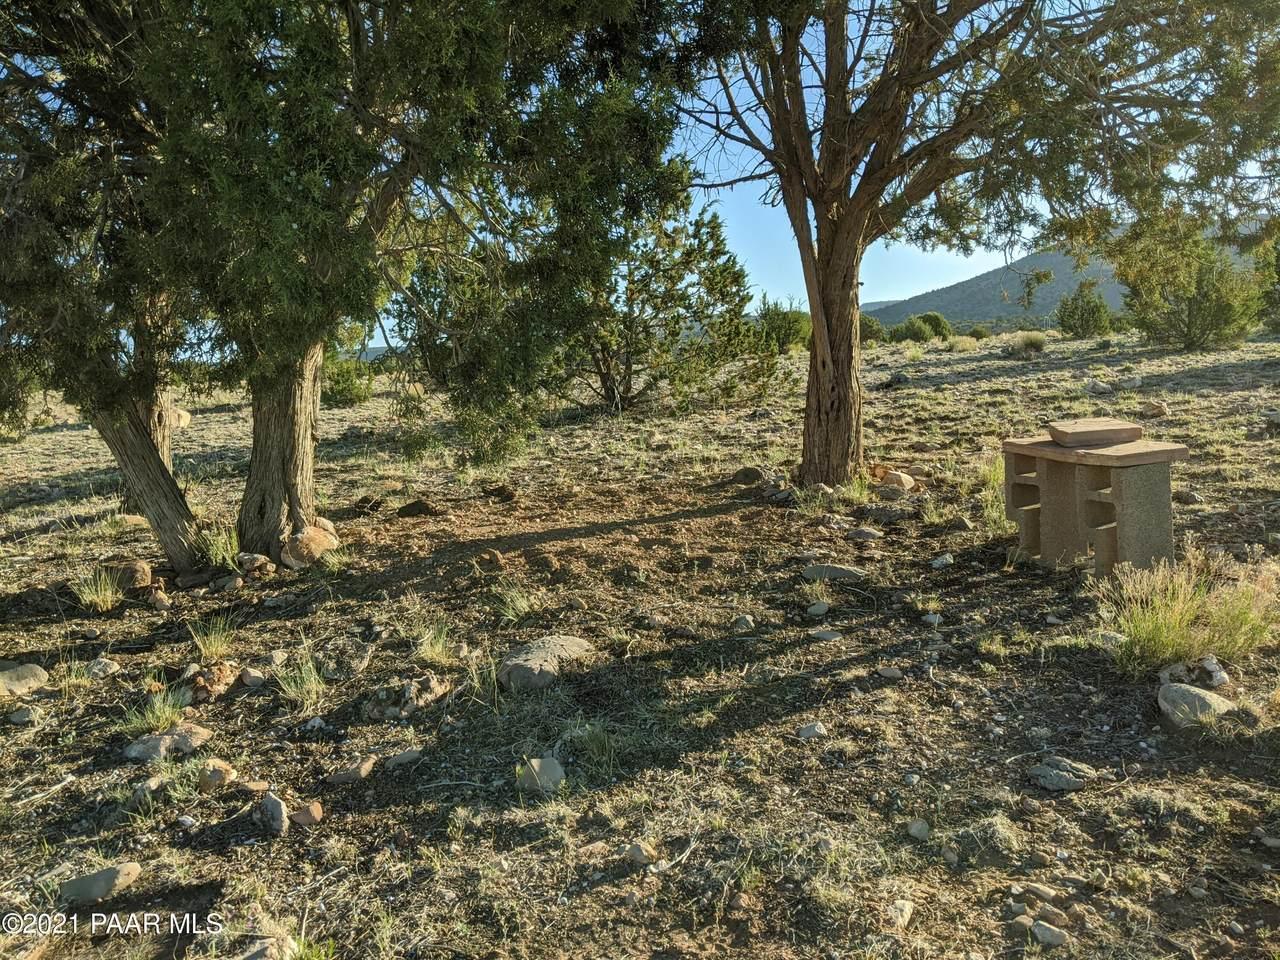 0 Juniperwood Ranch Unit 9 Lt 13 - Photo 1